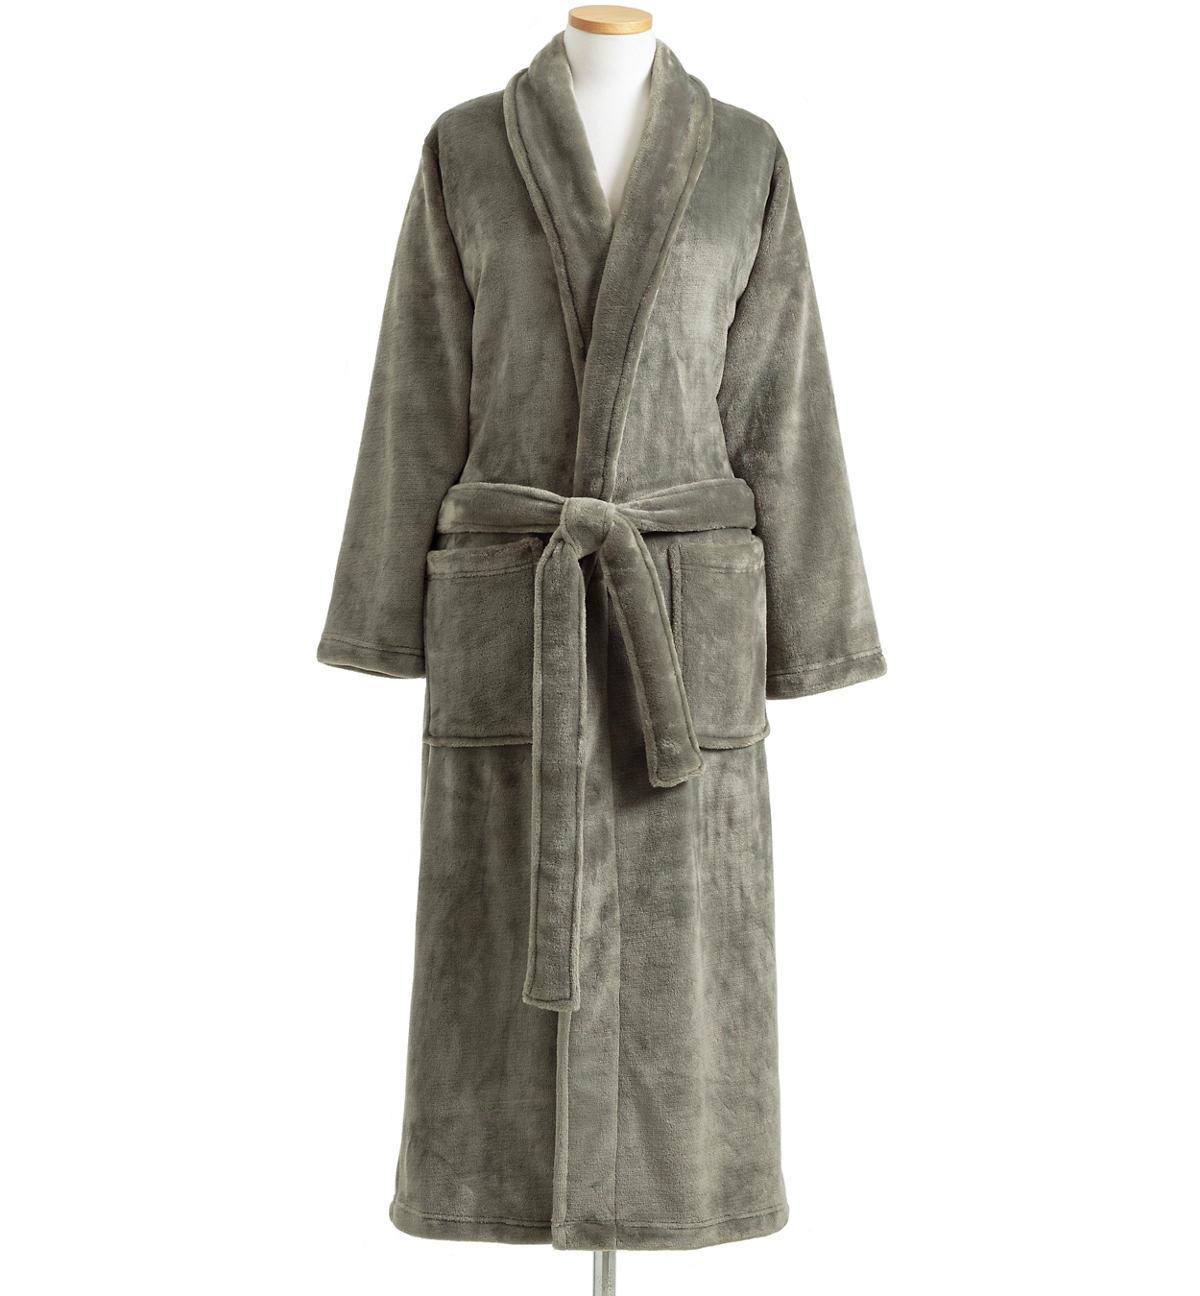 Sheepy Fleece 2.0 Vetiver Robe